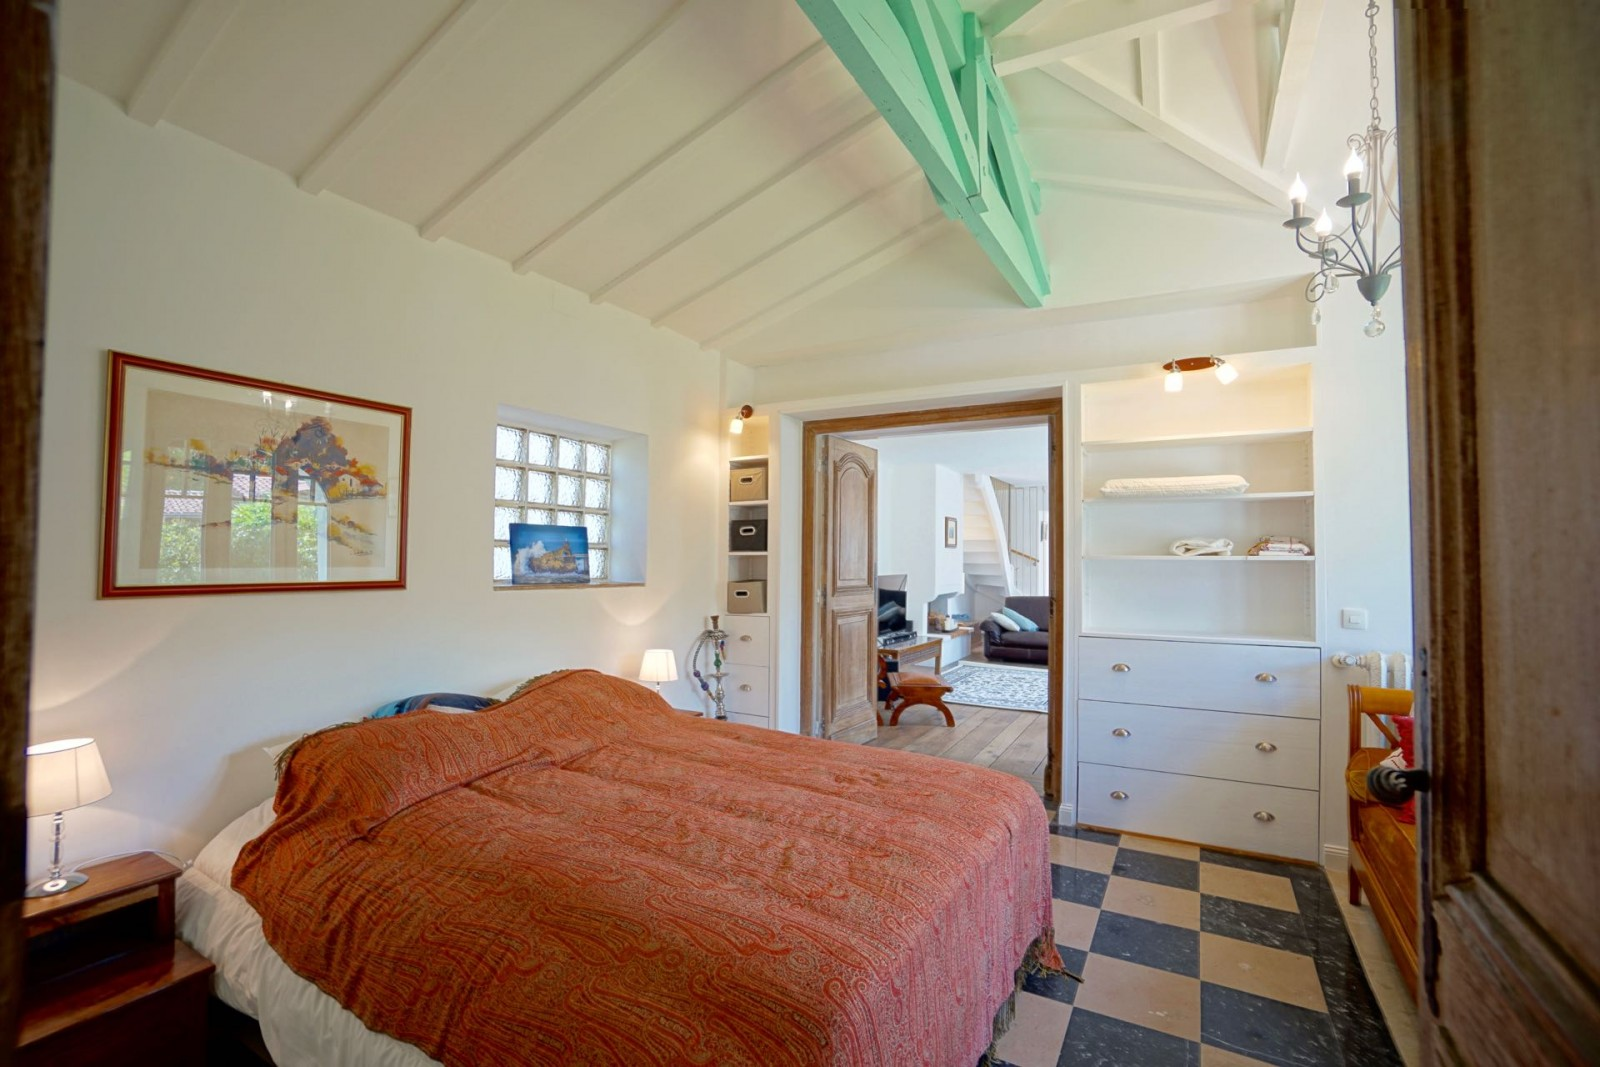 #6F3B1F VILLA DE CHARME PLAGES A PIED Agence OLAIZOLA  2893 plage de la petite chambre d'amour anglet 1600x1067 px @ aertt.com